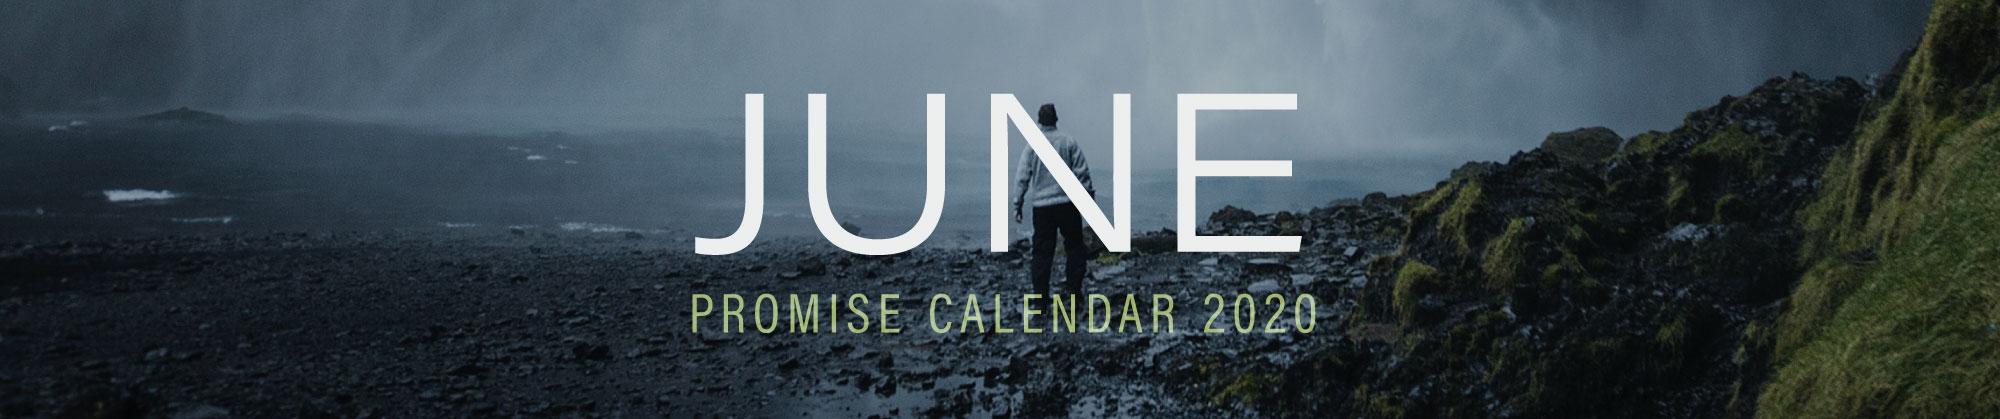 June 2020 Promise Calendar Header